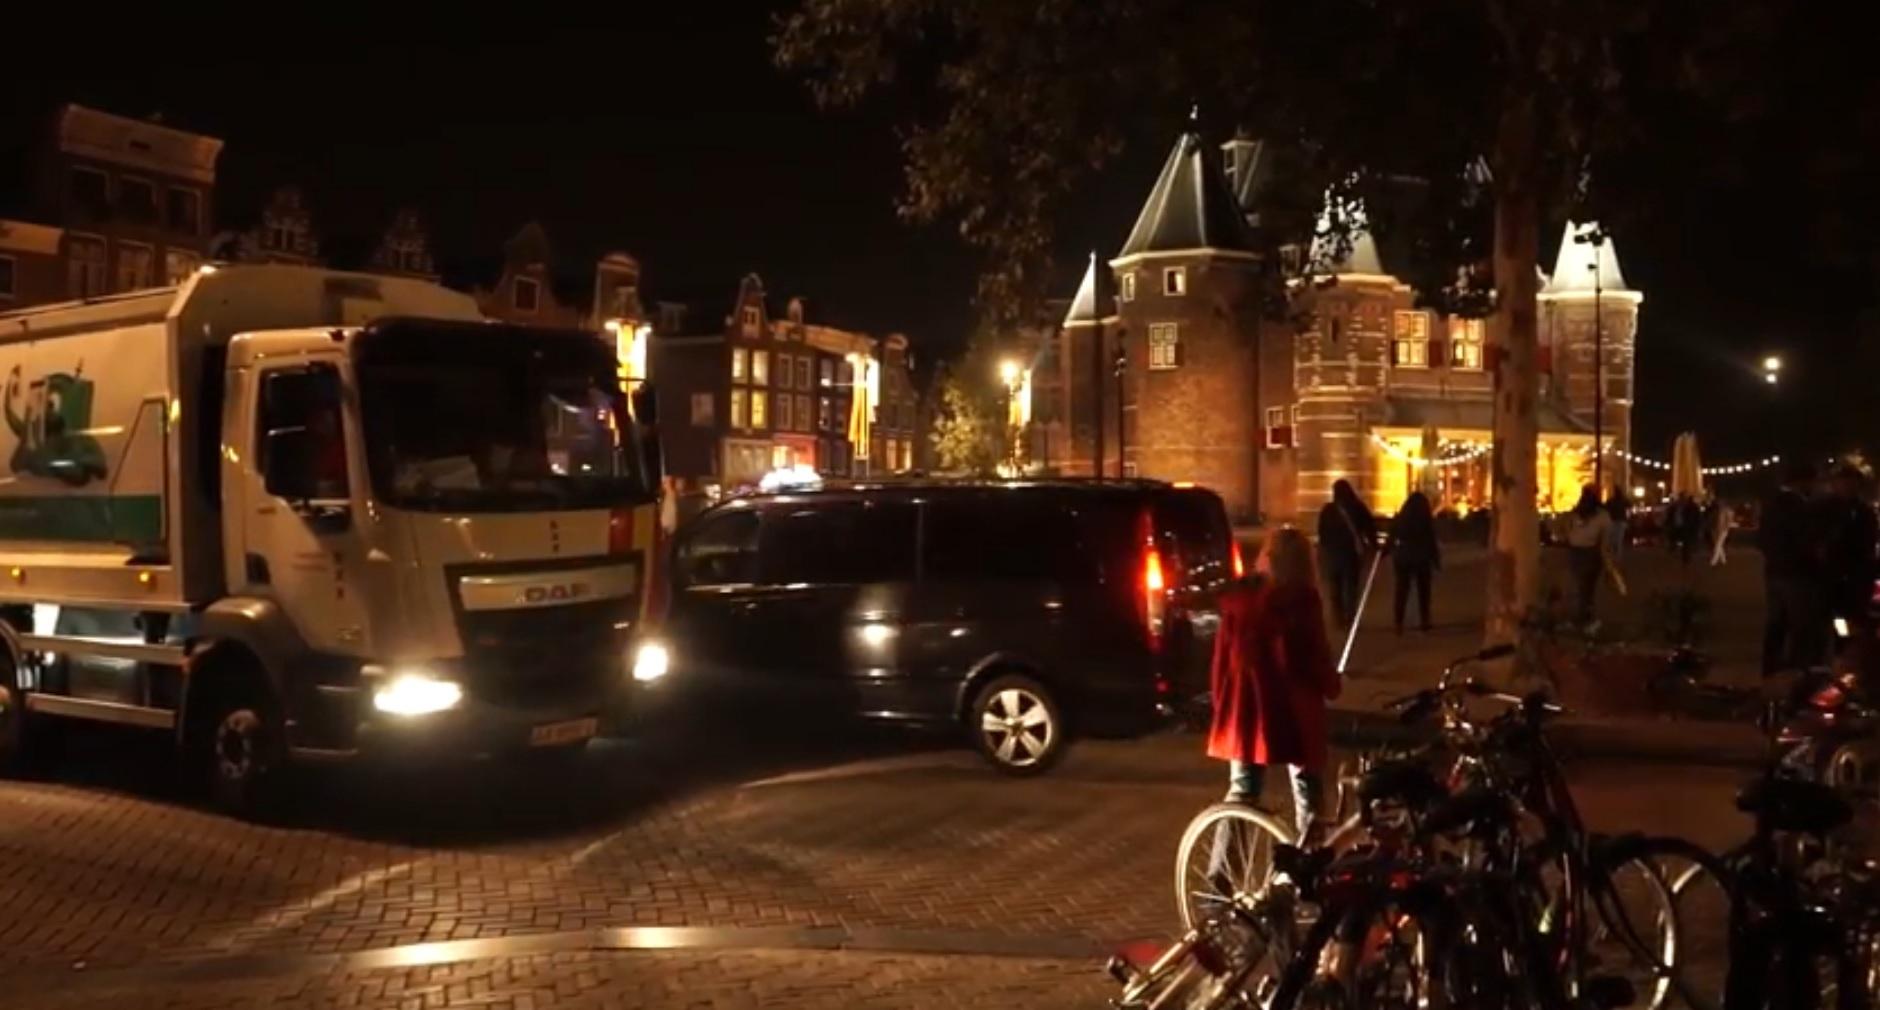 Road test in Amsterdam centrum